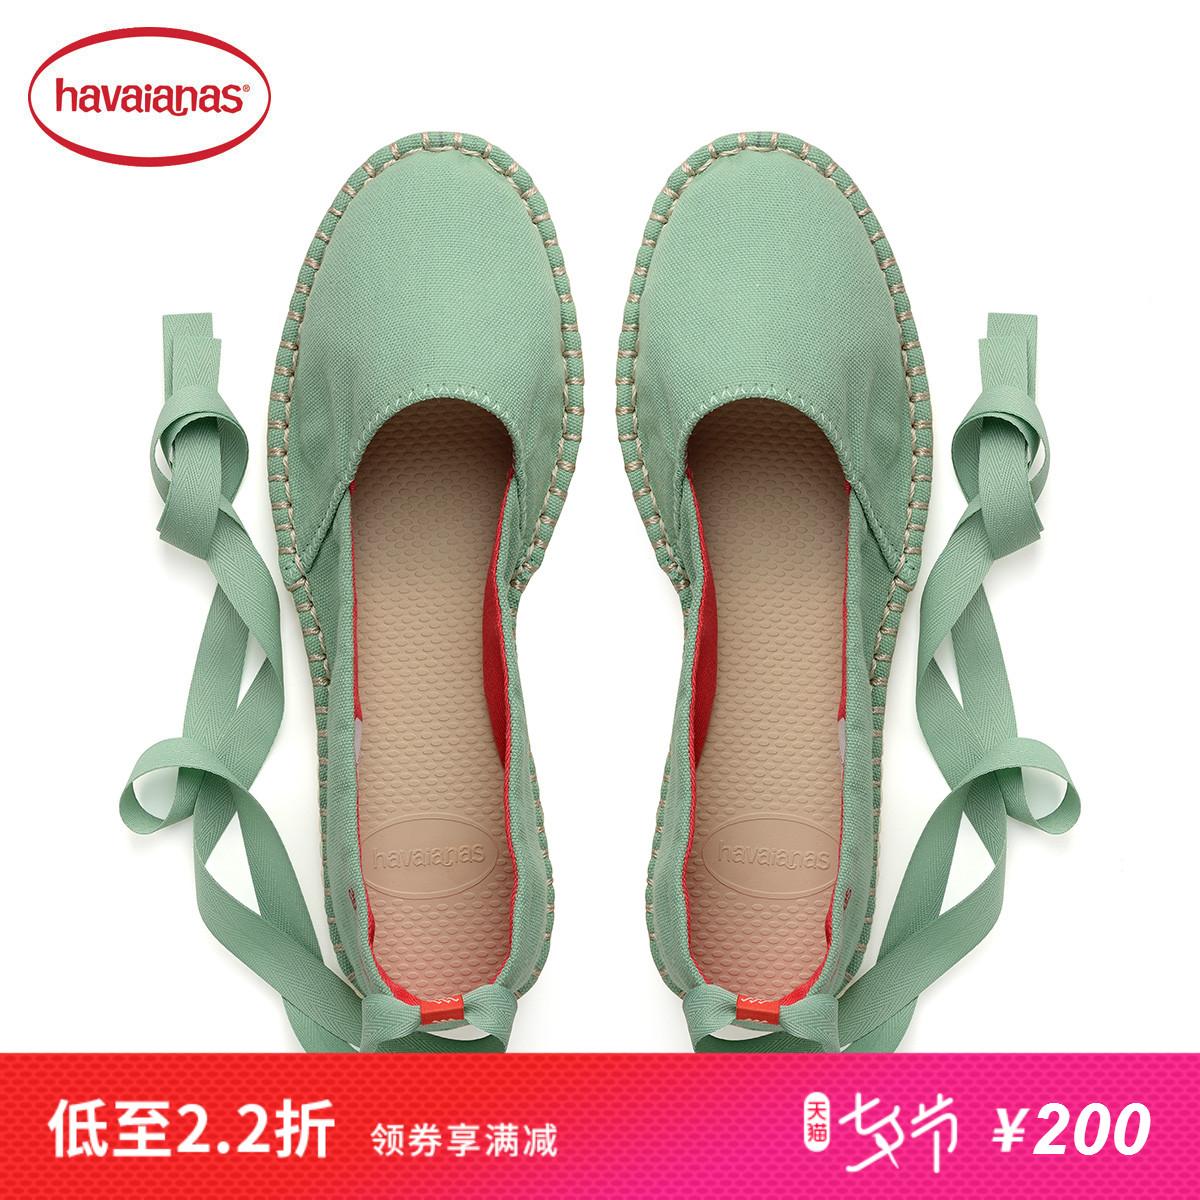 绿色帆布鞋 特Havaianas巴西2018新品女款夏季绿色系带休闲套脚帆布鞋哈瓦那_推荐淘宝好看的绿色帆布鞋